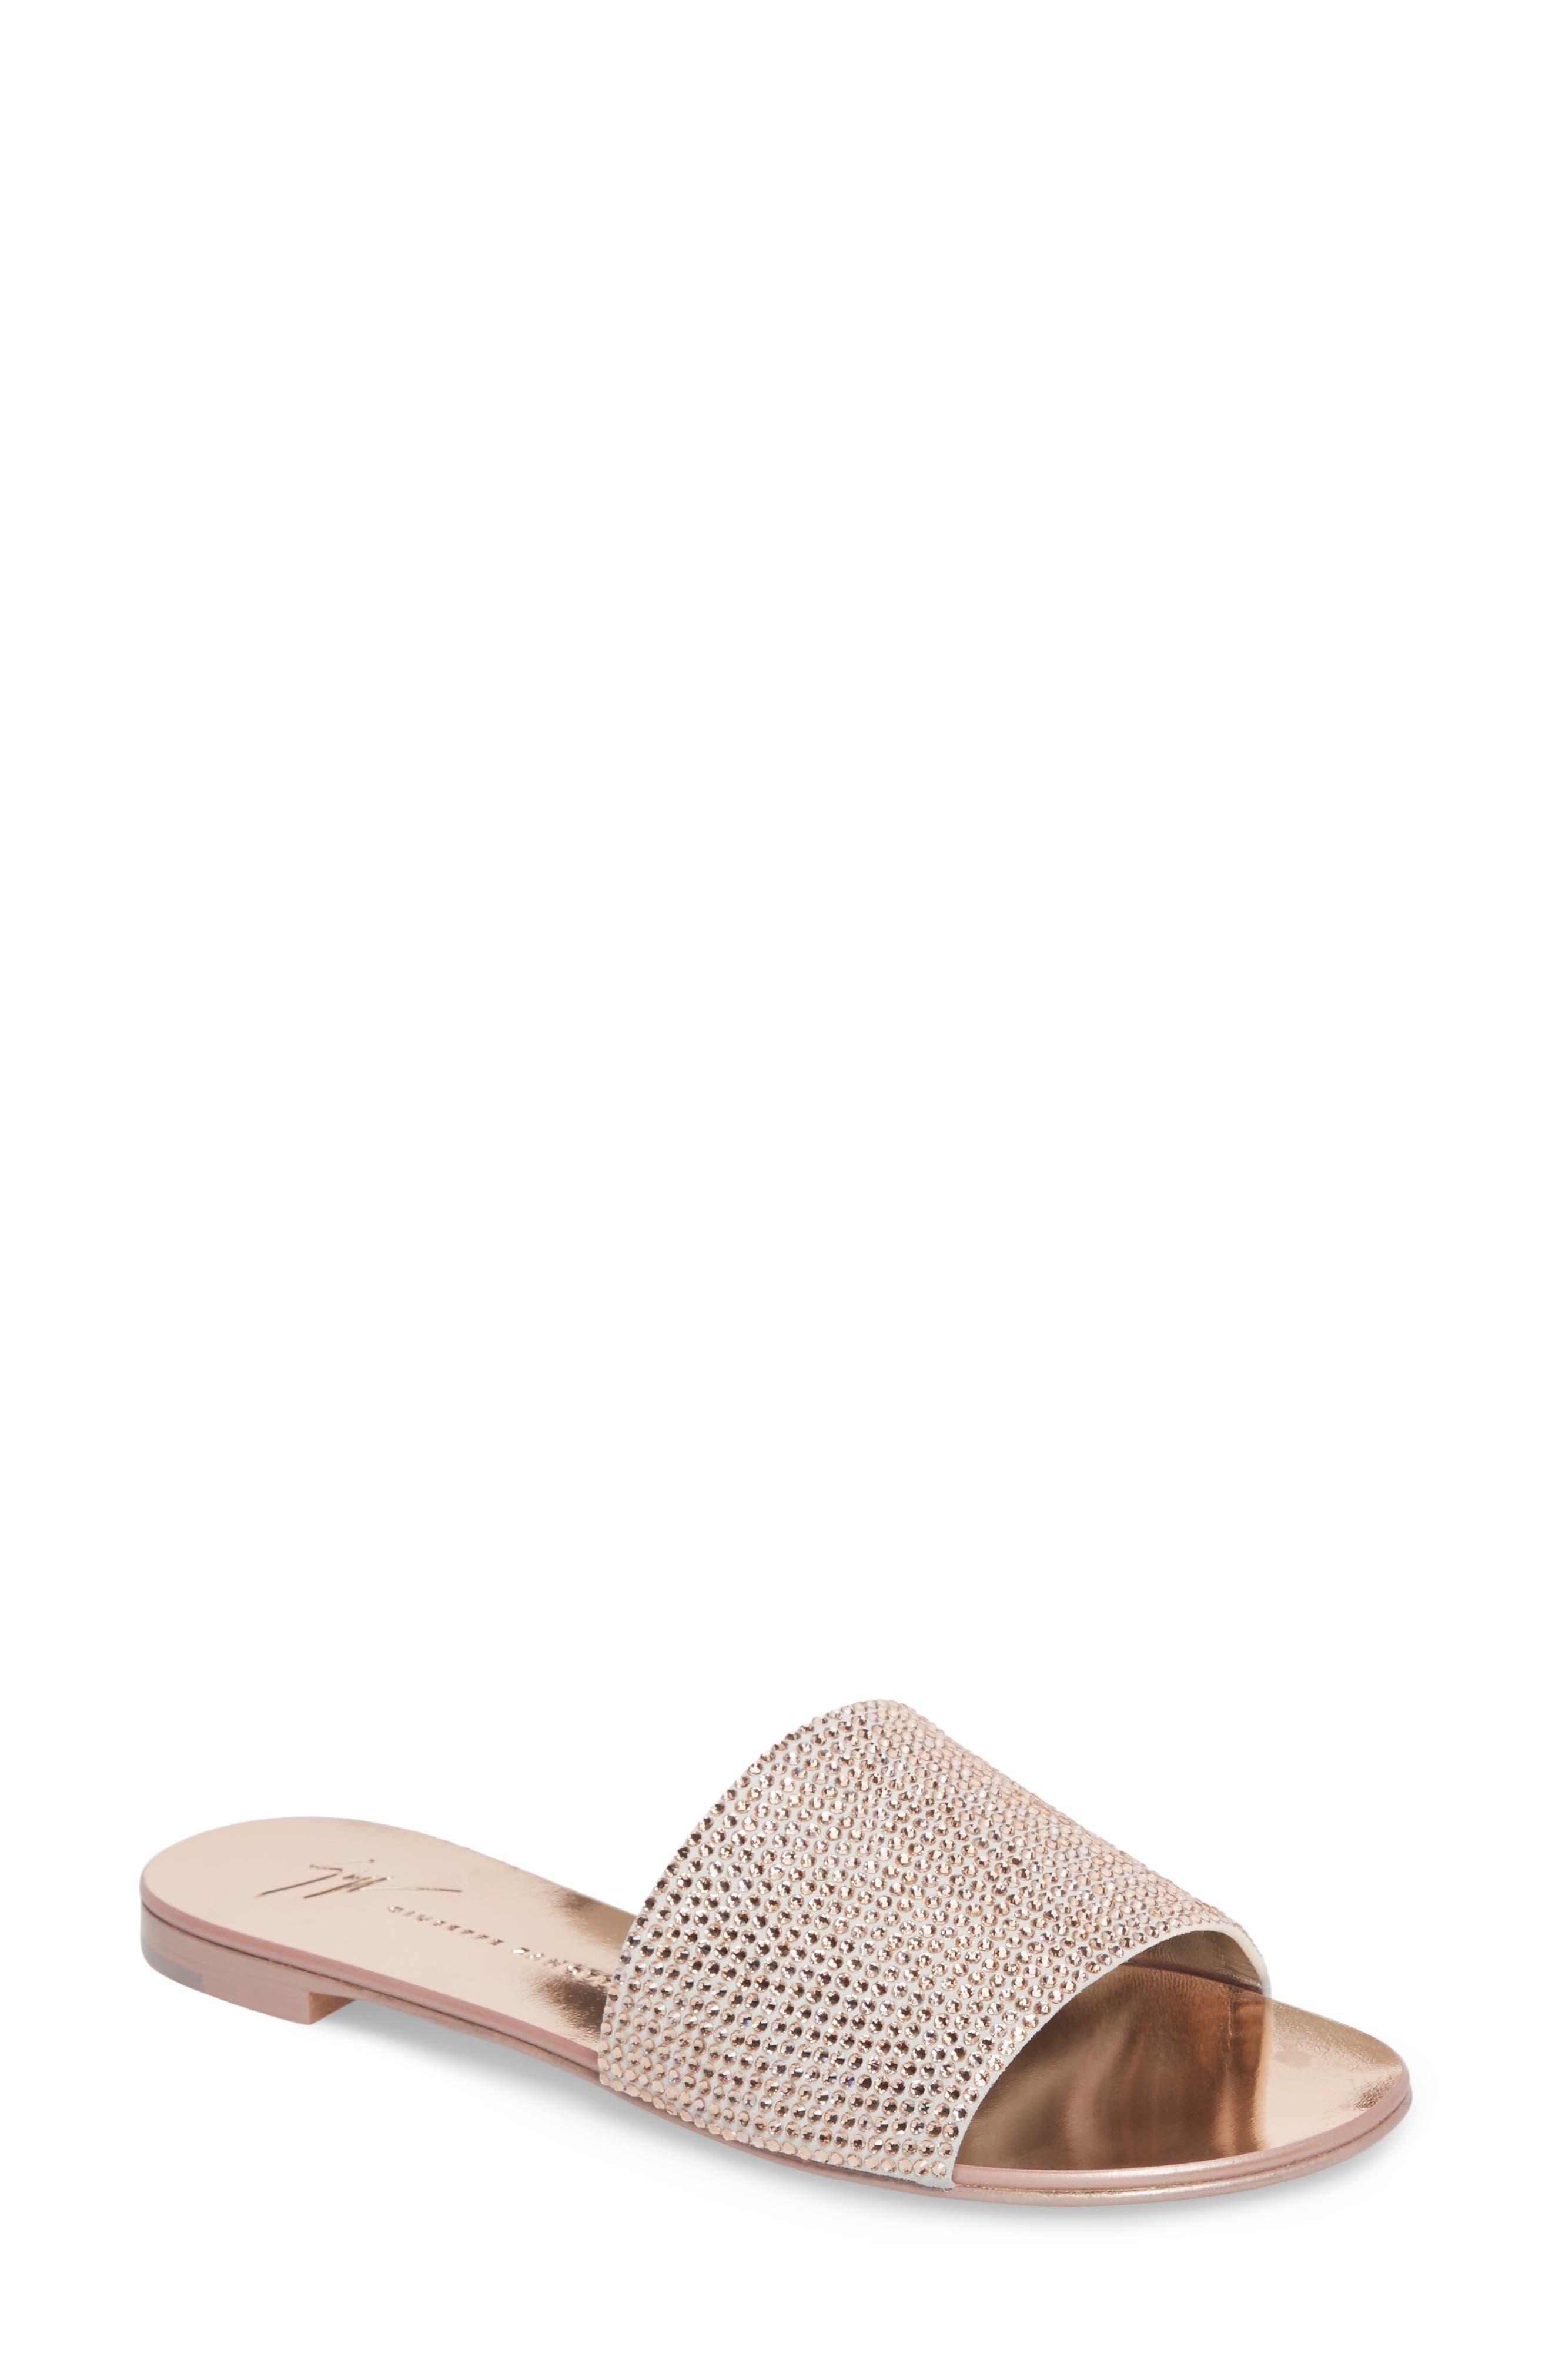 Giuseppe Zanotti Crystal Embellished Slide Sandal (Women)